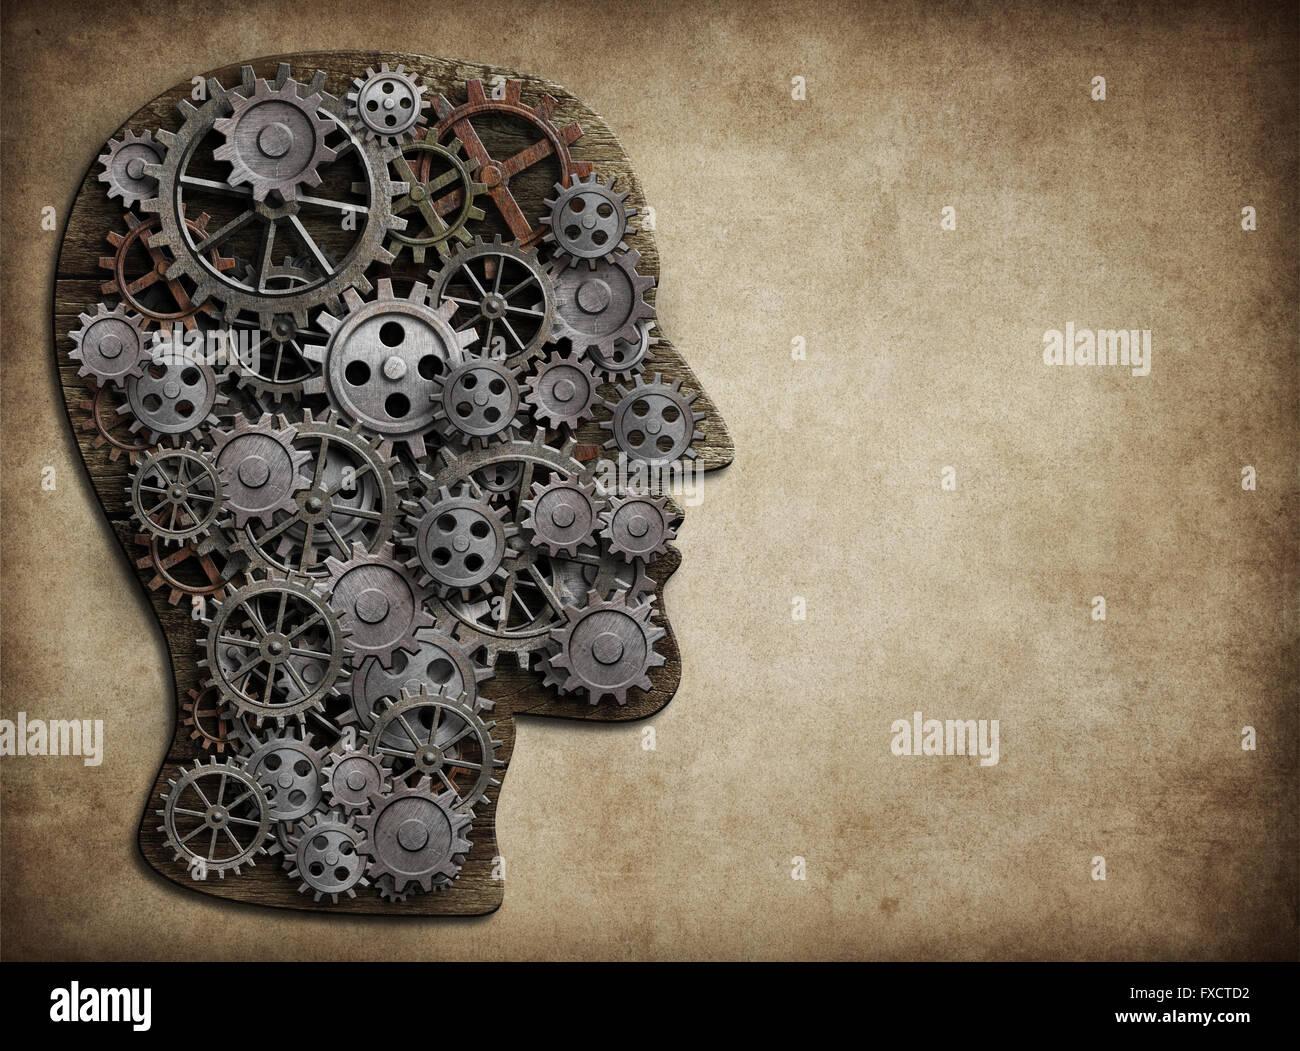 Head fait à partir de pignons et engrenages. L'activité du cerveau, idée concept. Photo Stock